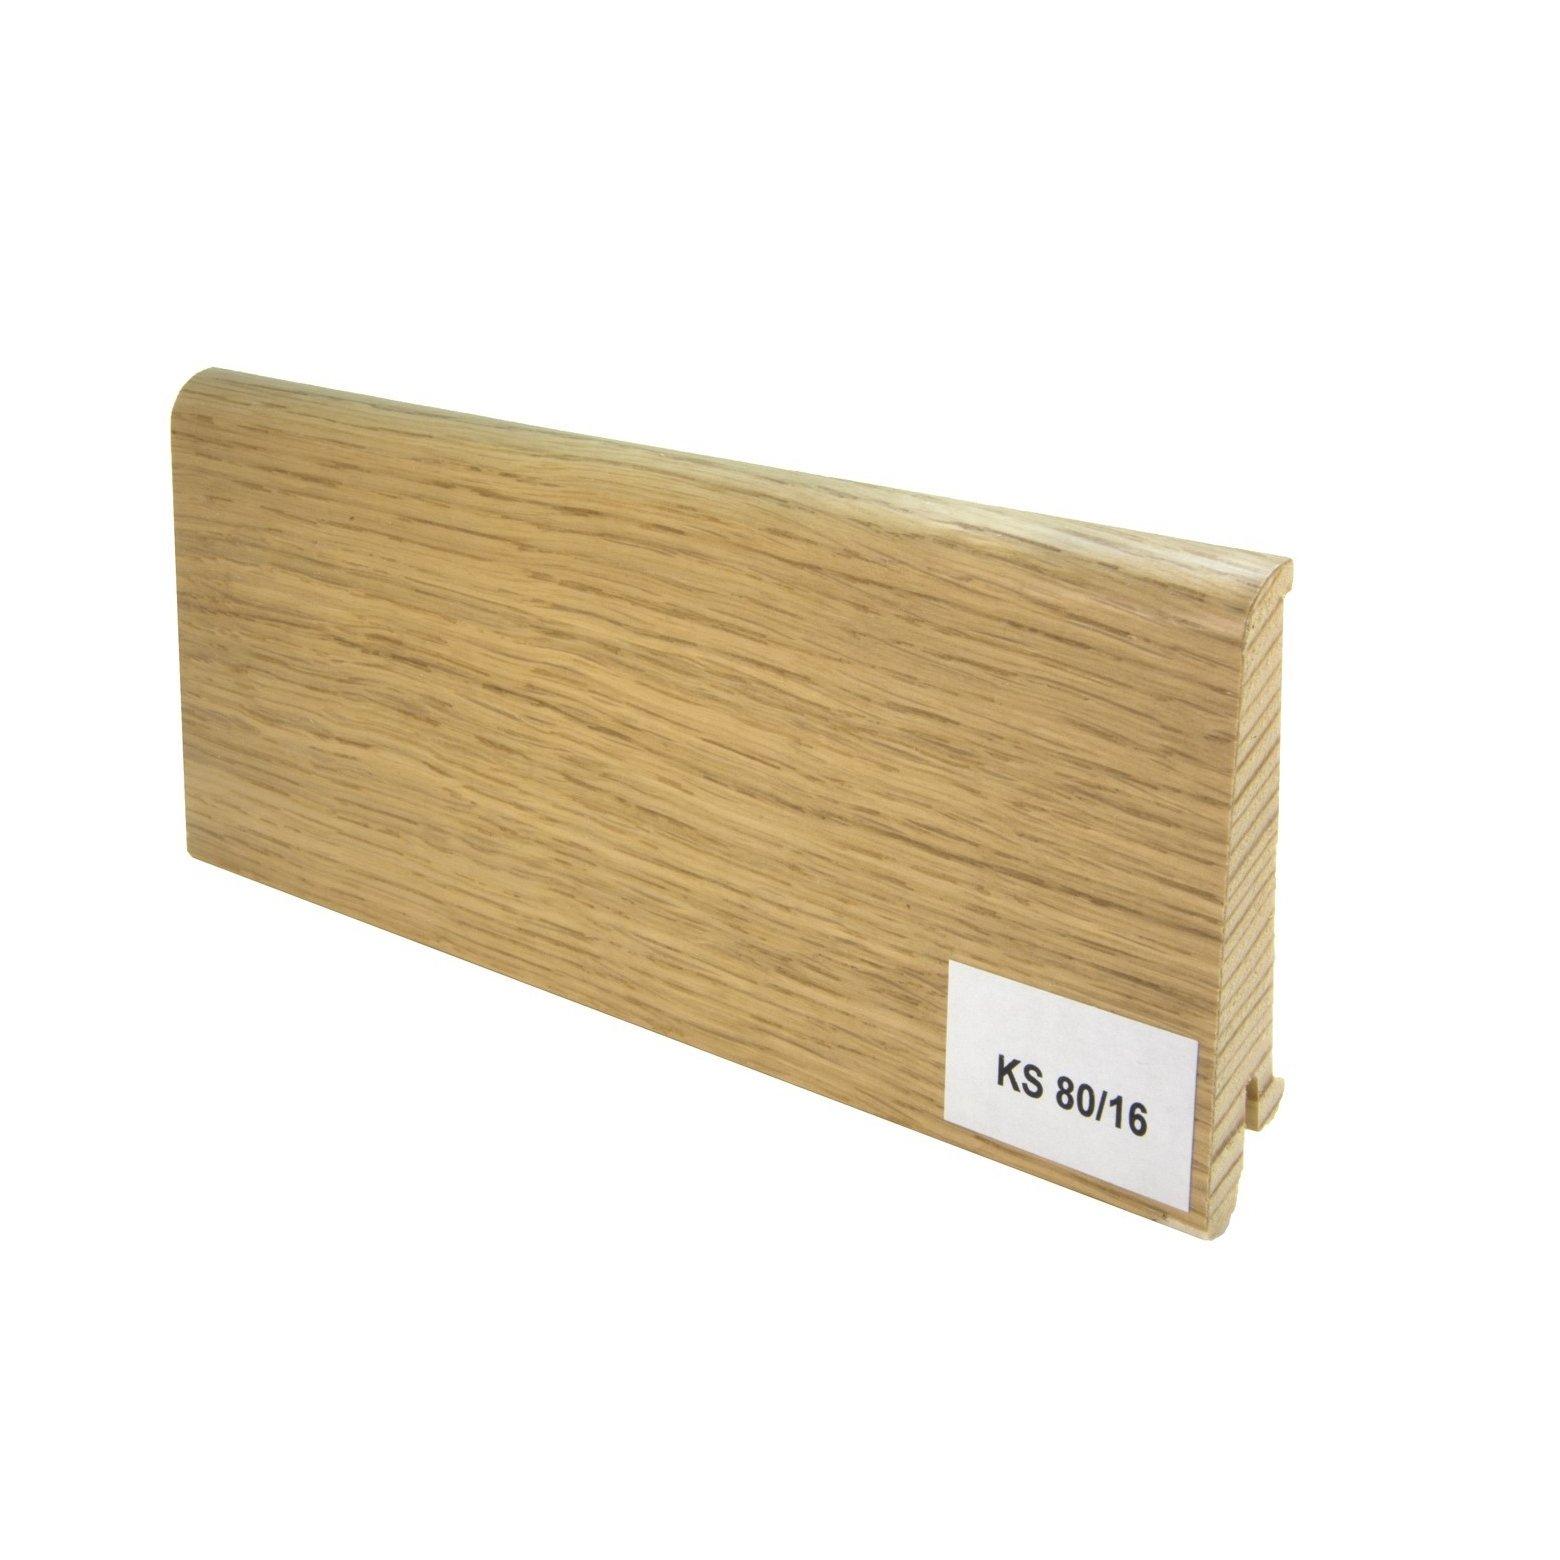 Listwa drewniana dębowa (80/16 mm) DĄB EUROPEJSKI LAKIEROWANA